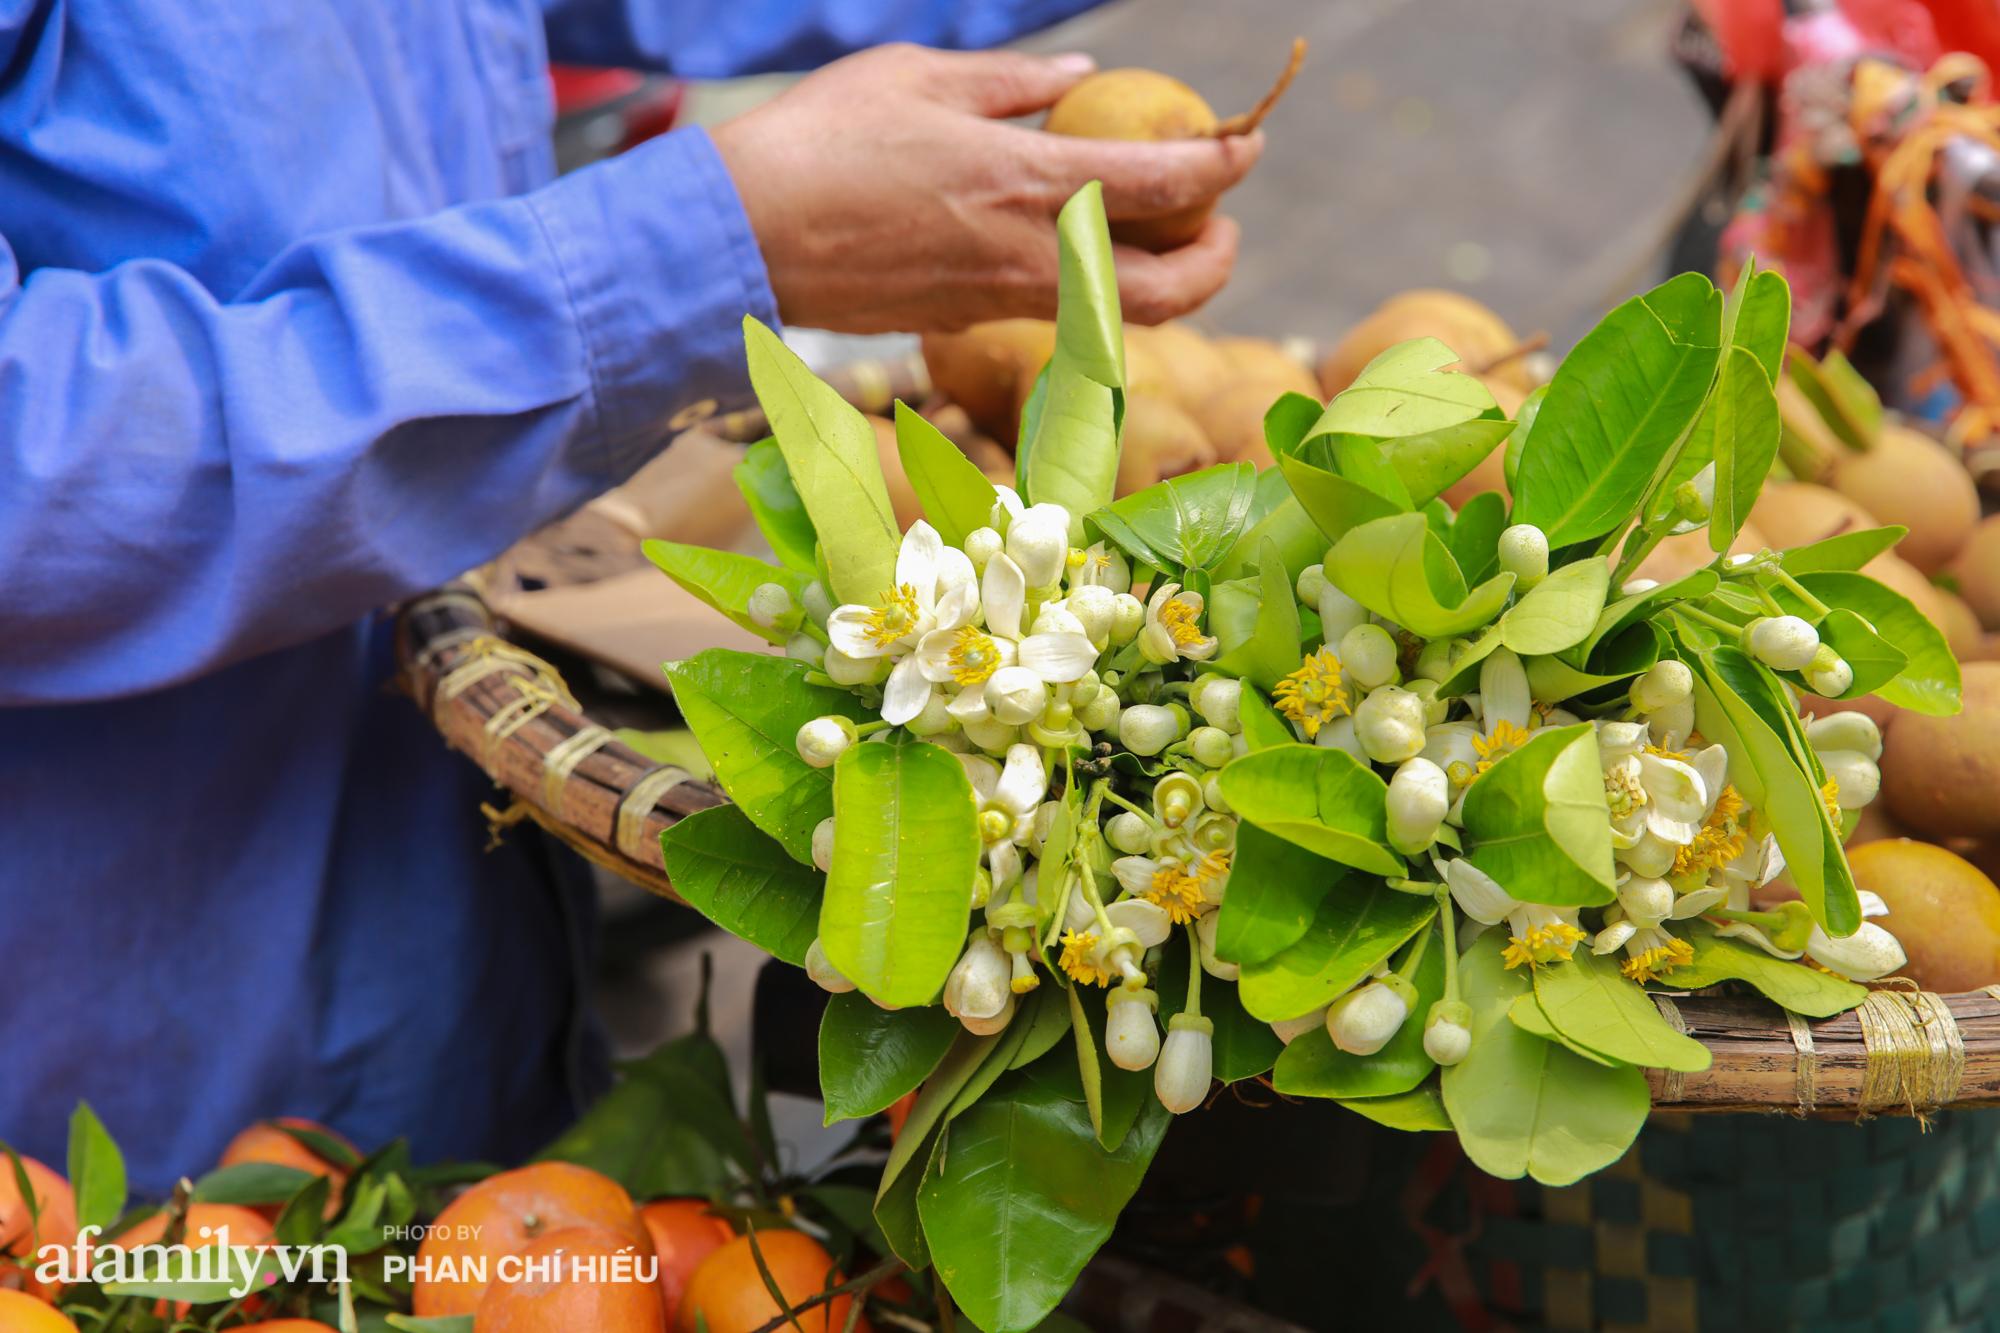 Hàng bưởi Diễn da vàng óng có từng búi hoa tươi trở thành món hàng siêu độc trên chợ nhà giàu Hà Nội, tận 100k/quả, bà chủ thu cả chục triệu mỗi ngày!  - Ảnh 8.